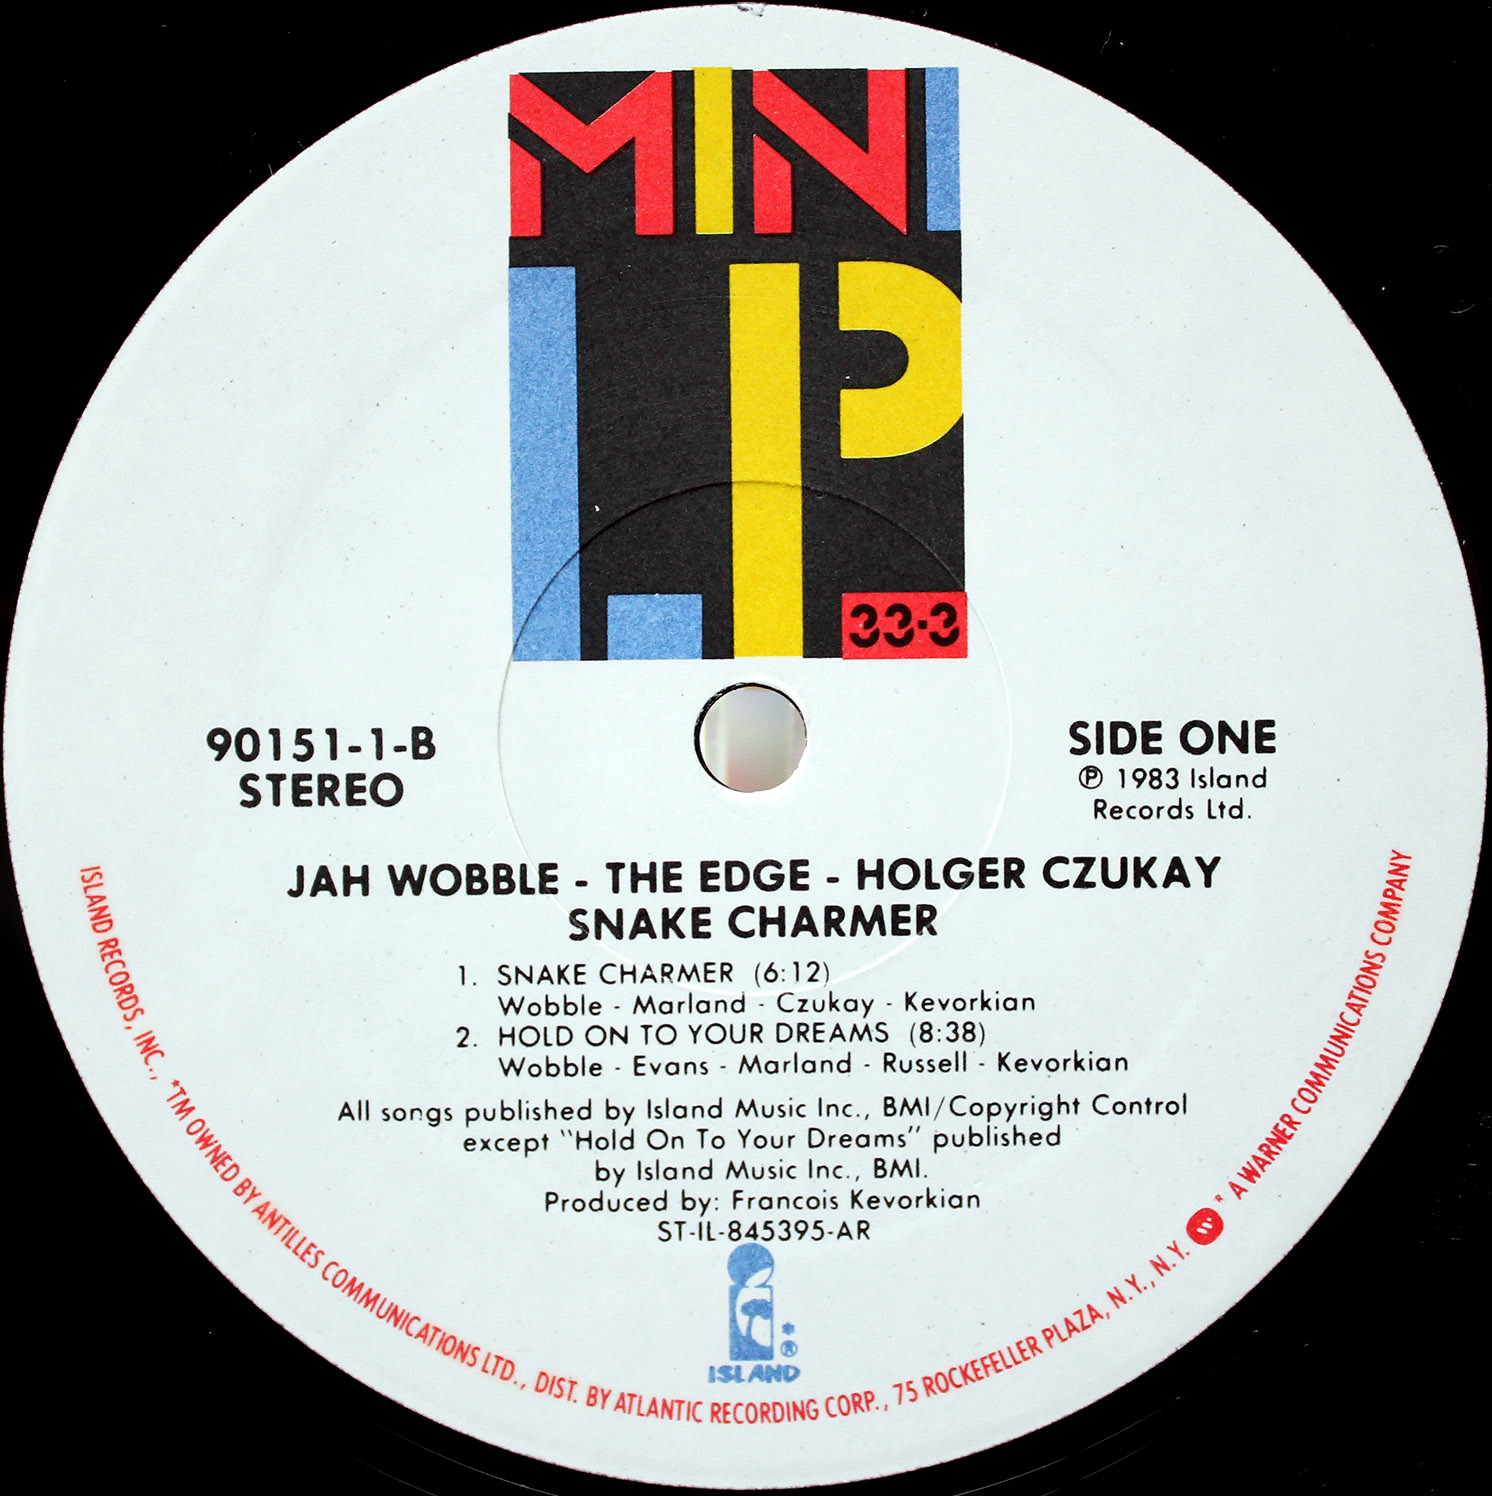 Jah Wobble, The Edge, Holger CzukaySnake Charmer 03